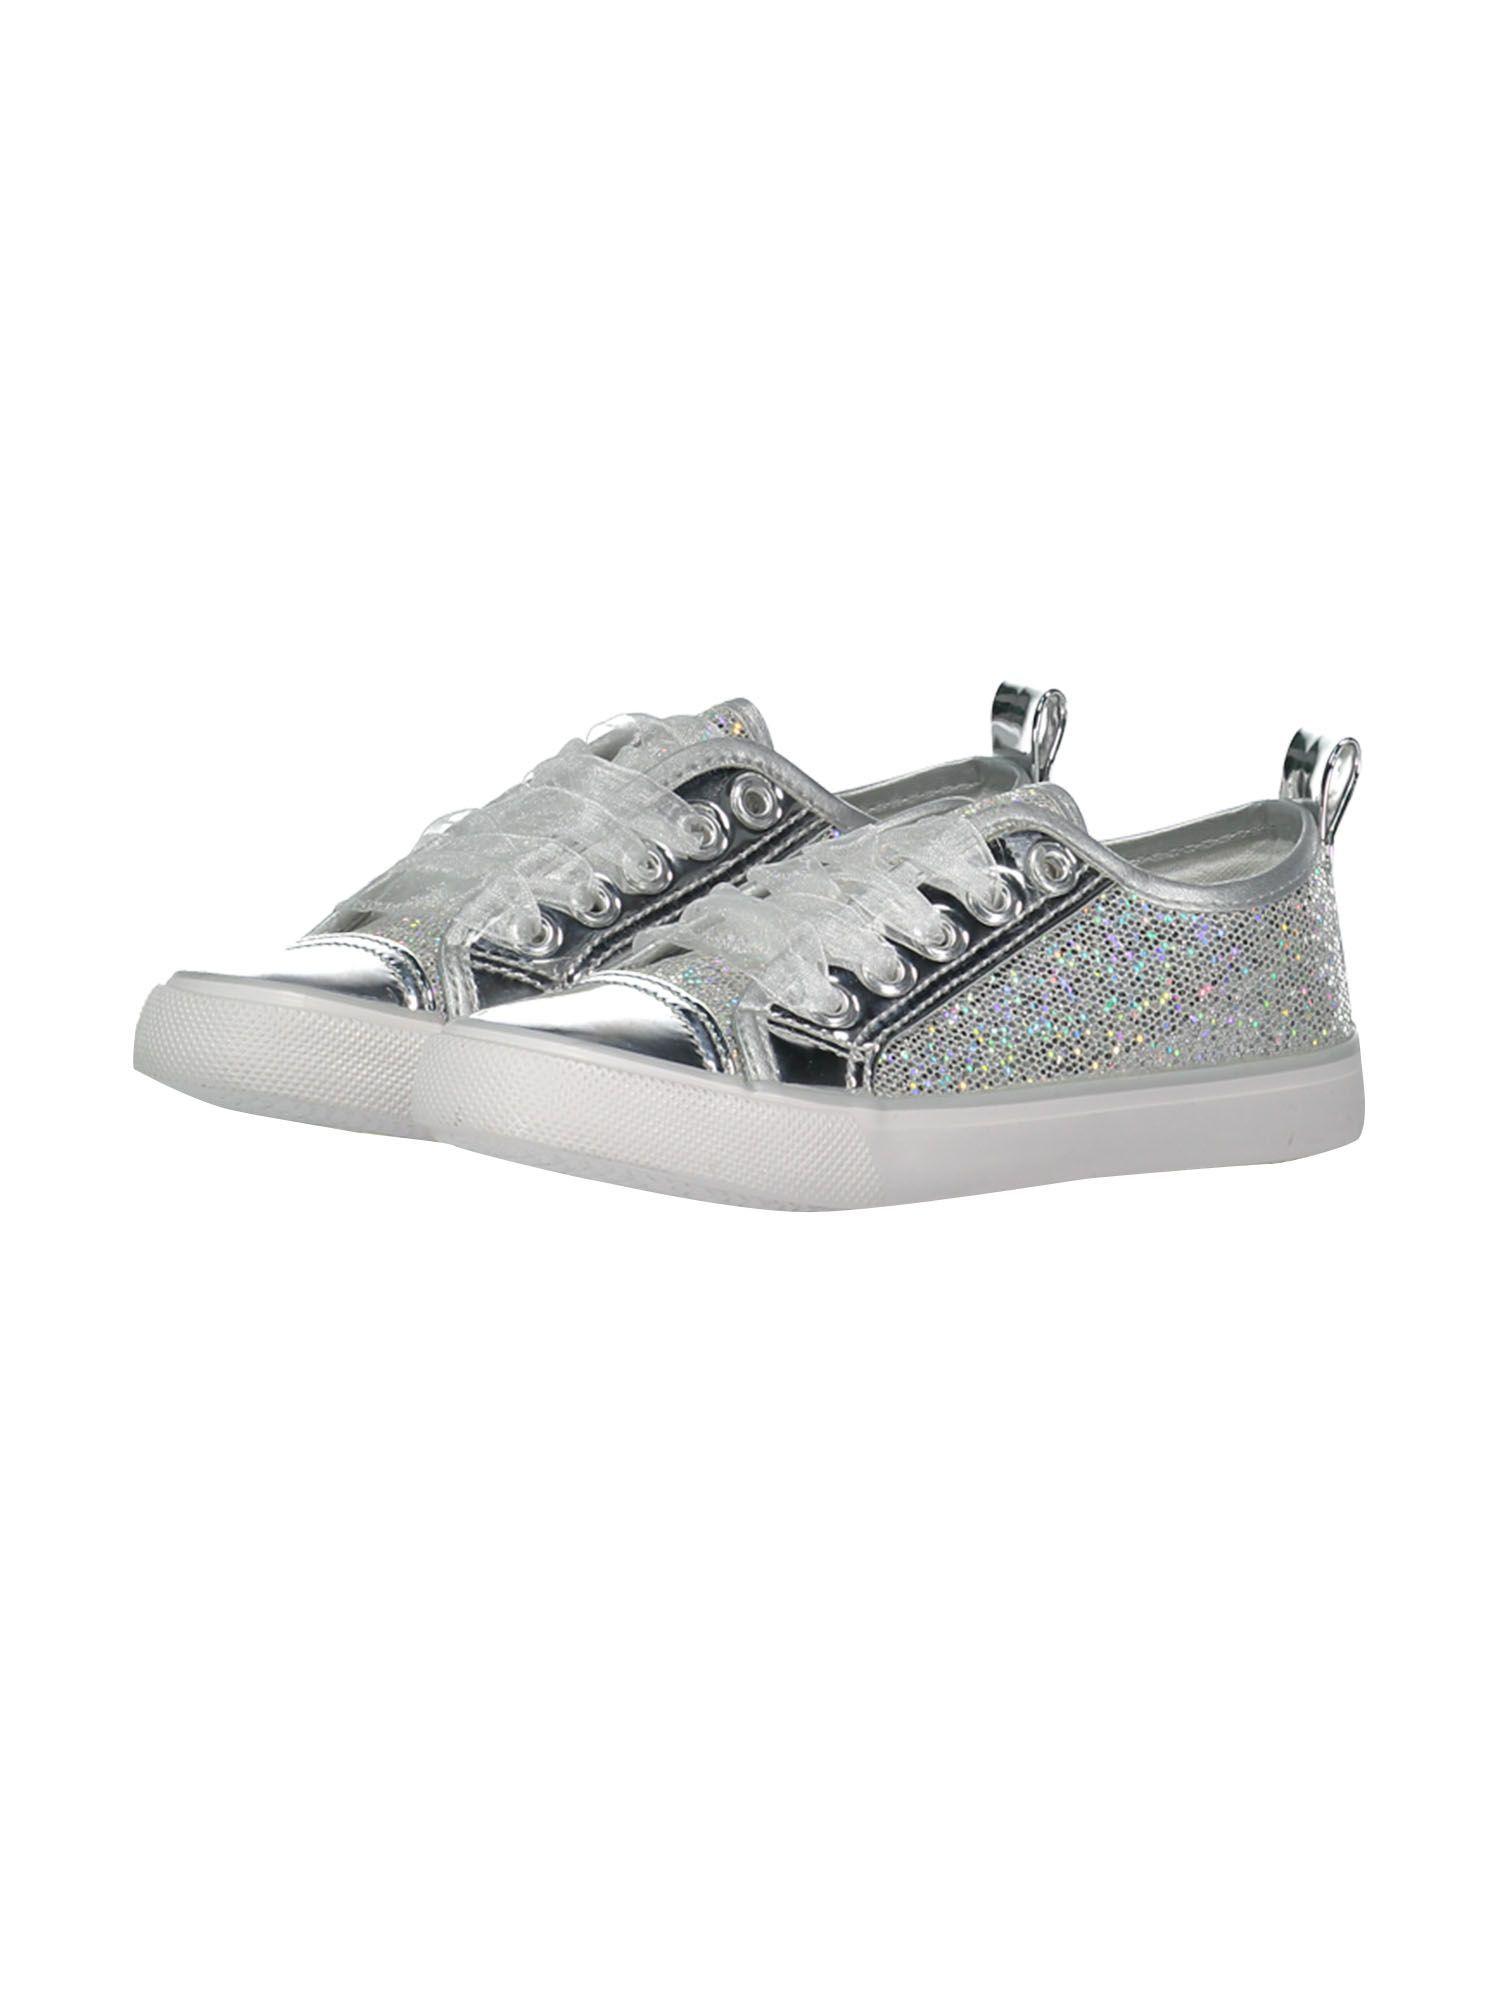 Sneakers glitterata - Bambina 3-14 anni - 10 GIORNI D'ORO ...